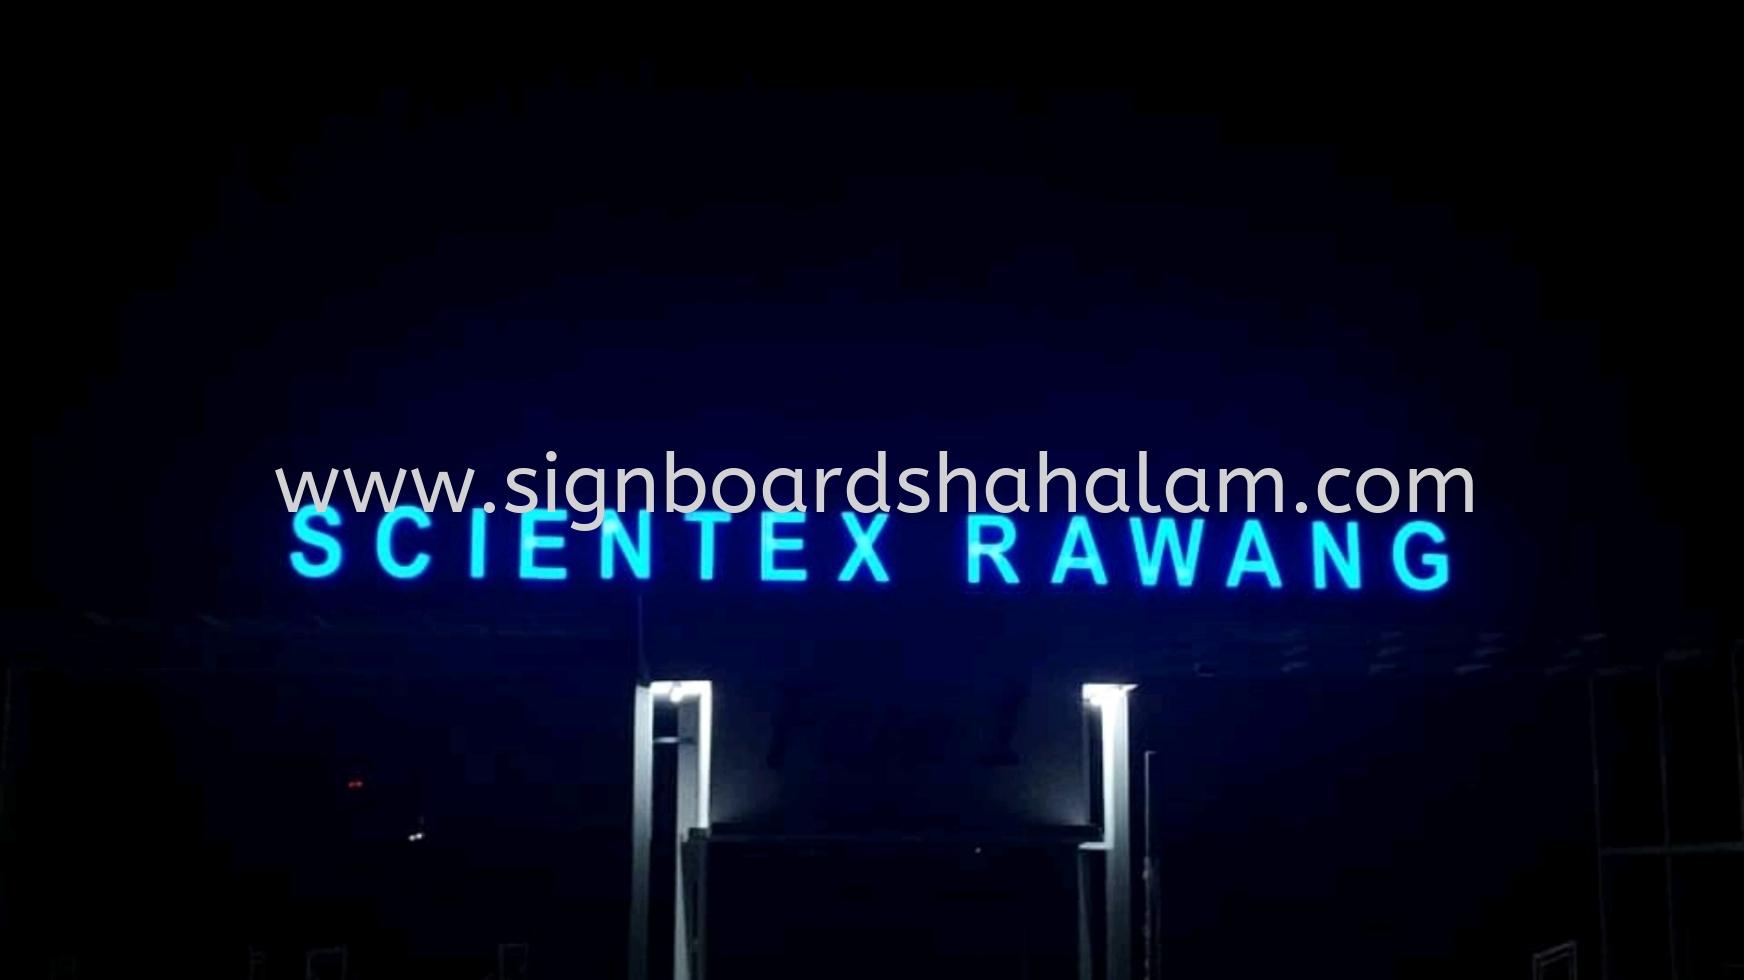 Signboard Scientex Rawang, Papan Iklan 3D Led